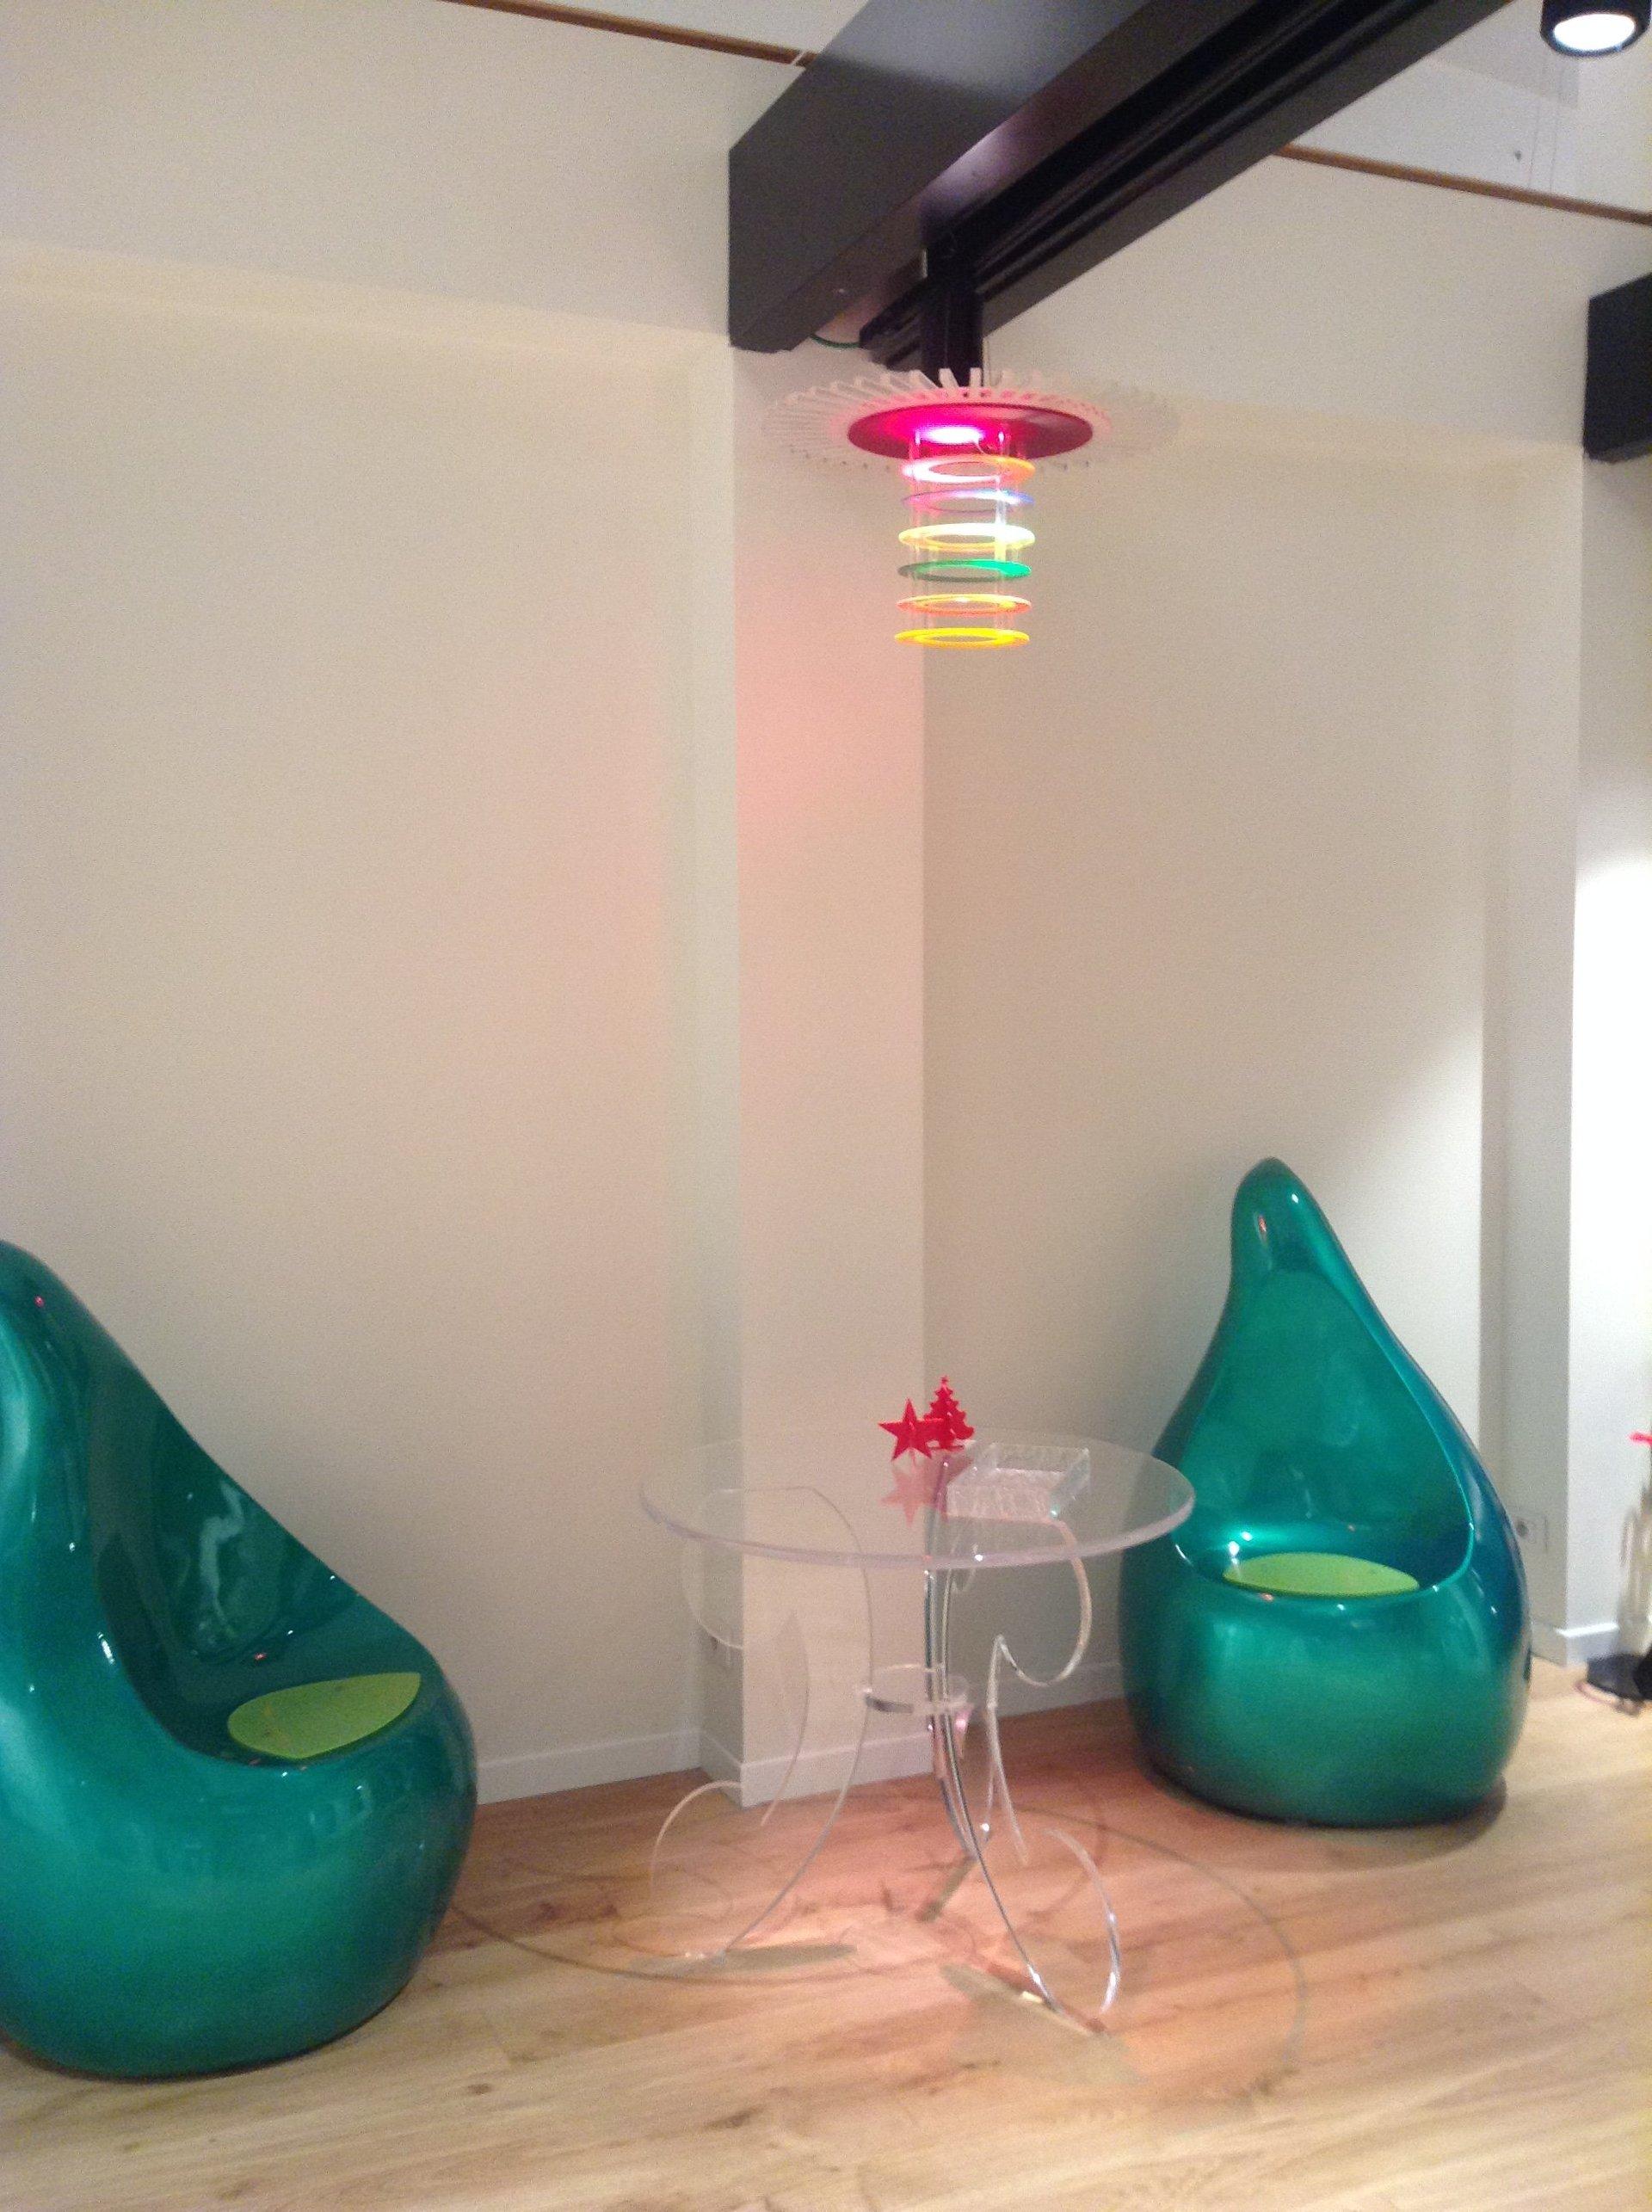 Costruzione mobili torino to trixia bijoux for Oggettistica per la casa design